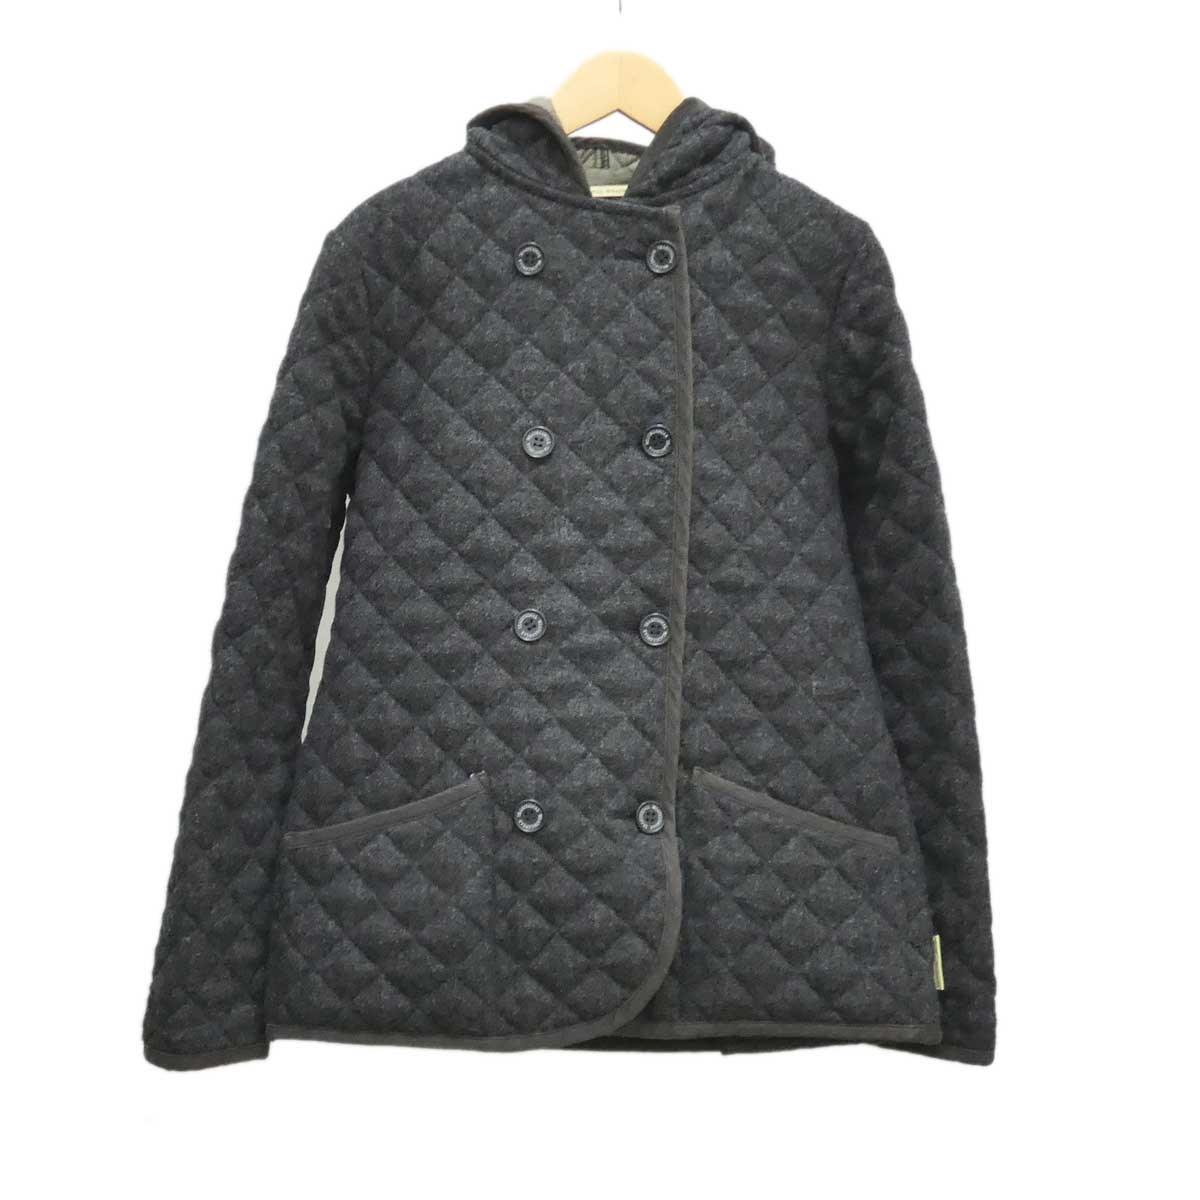 【中古】TRADITIONAL WEATHERWEAR ウールキルティングコート グレー サイズ:M(UK34) 【081119】(トラディショナル ウェザーウェア)